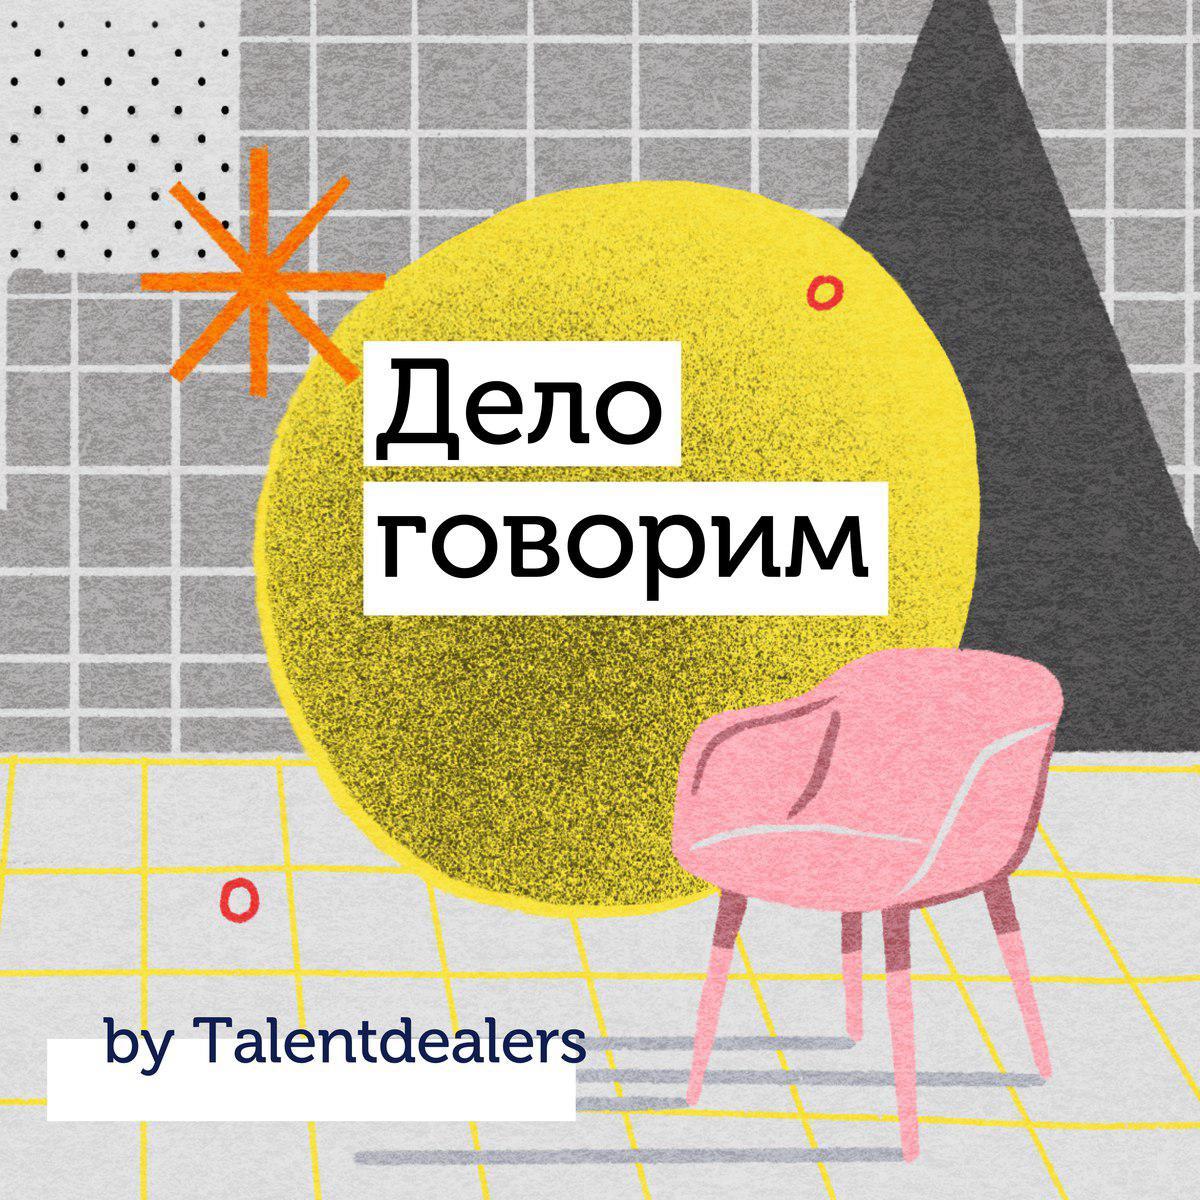 Широкая география: про релокейт в Лондон с Николаем Березовским из Revolut